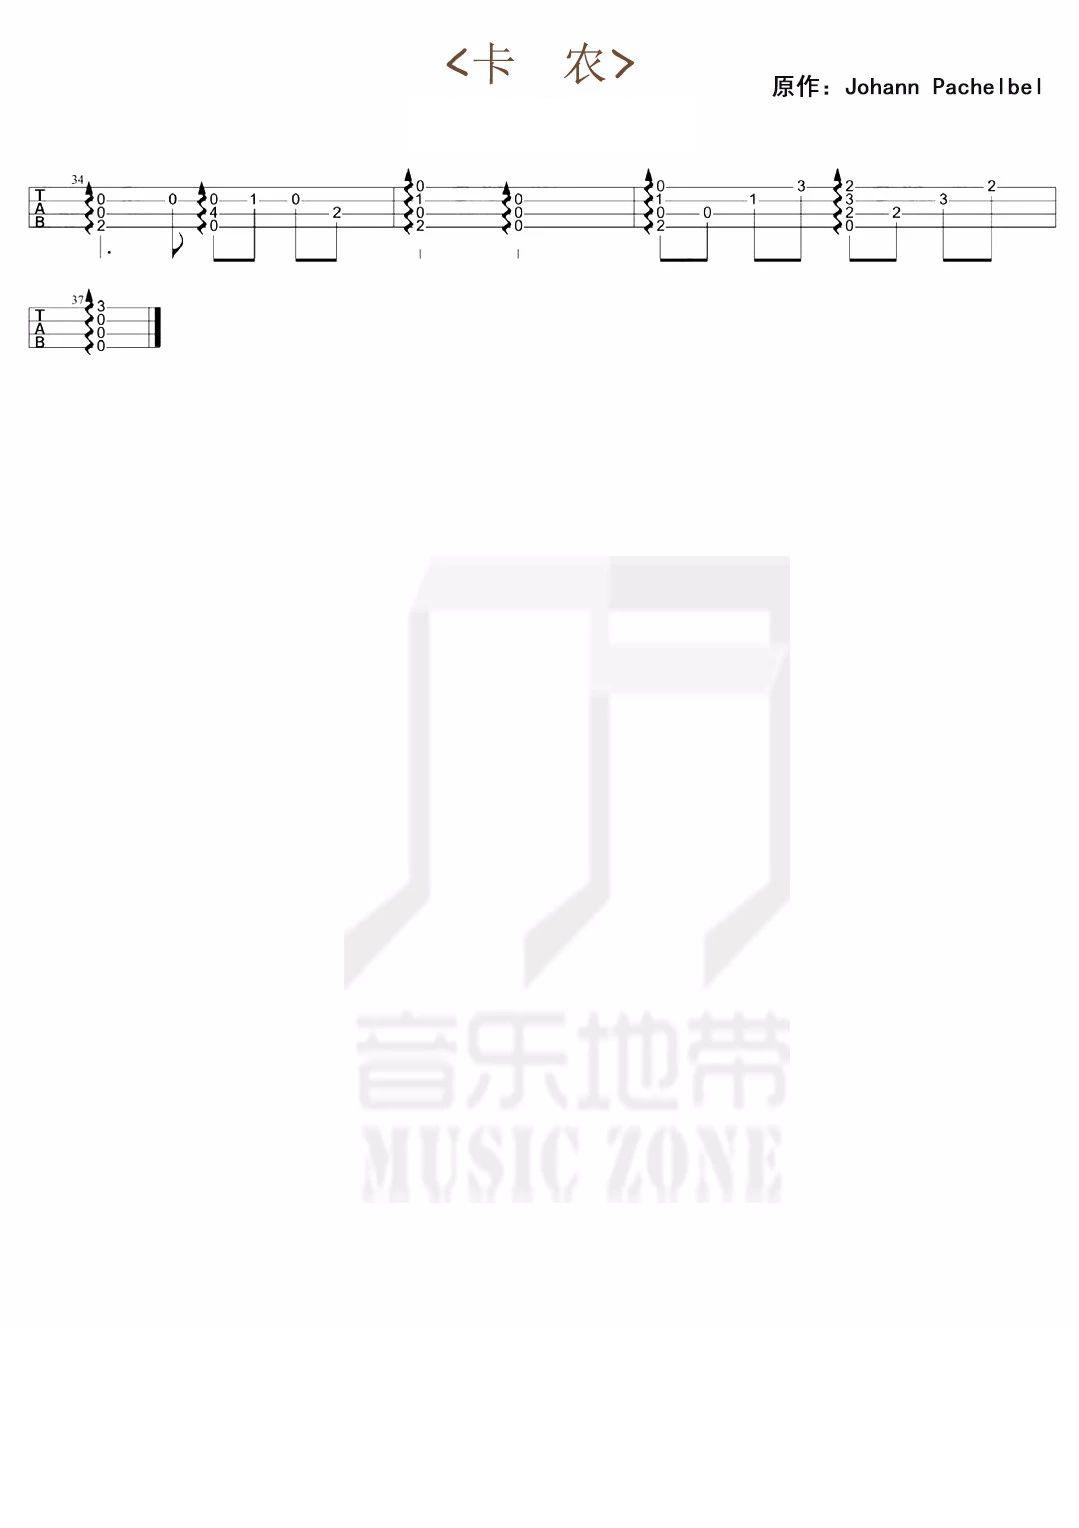 《卡农》尤克里里指弹曲谱-C大调音乐网